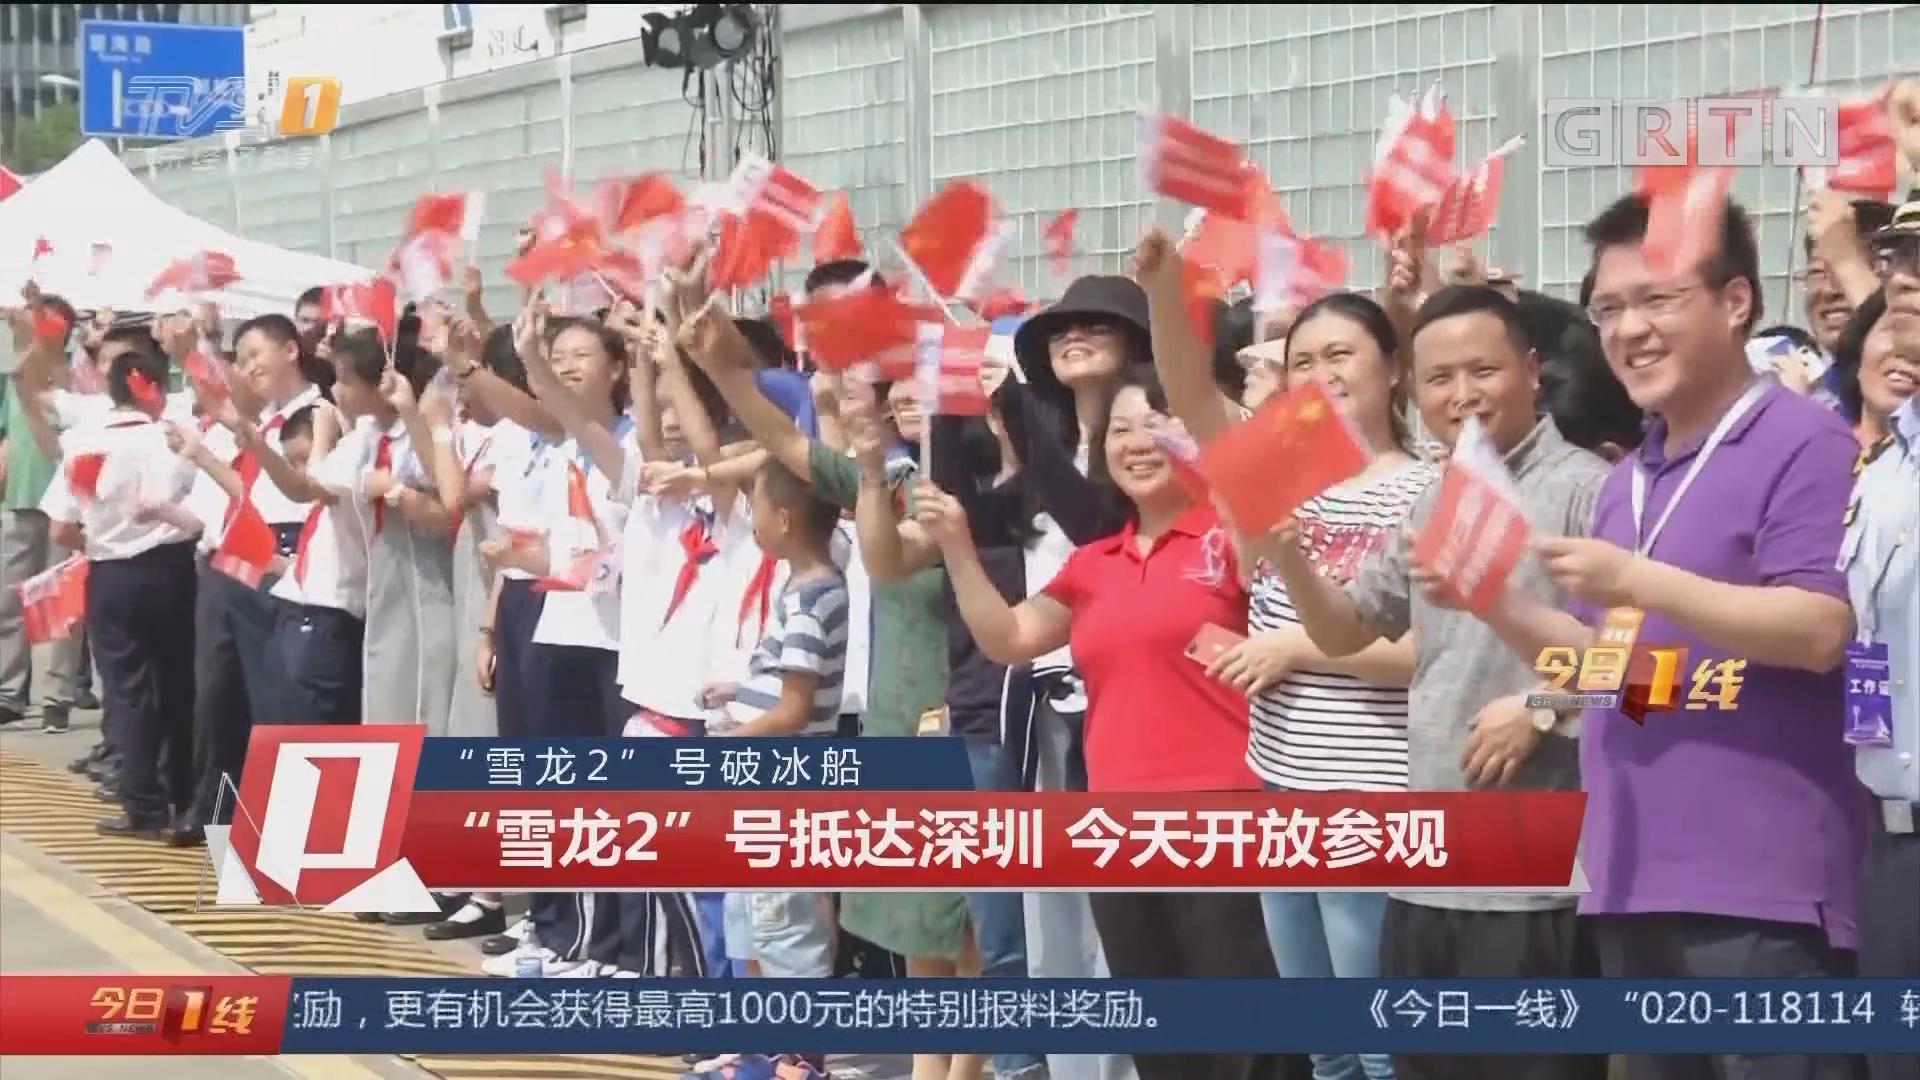 """""""雪龙2""""号破冰船 """"雪龙2""""号抵达深圳 今天开放参观"""